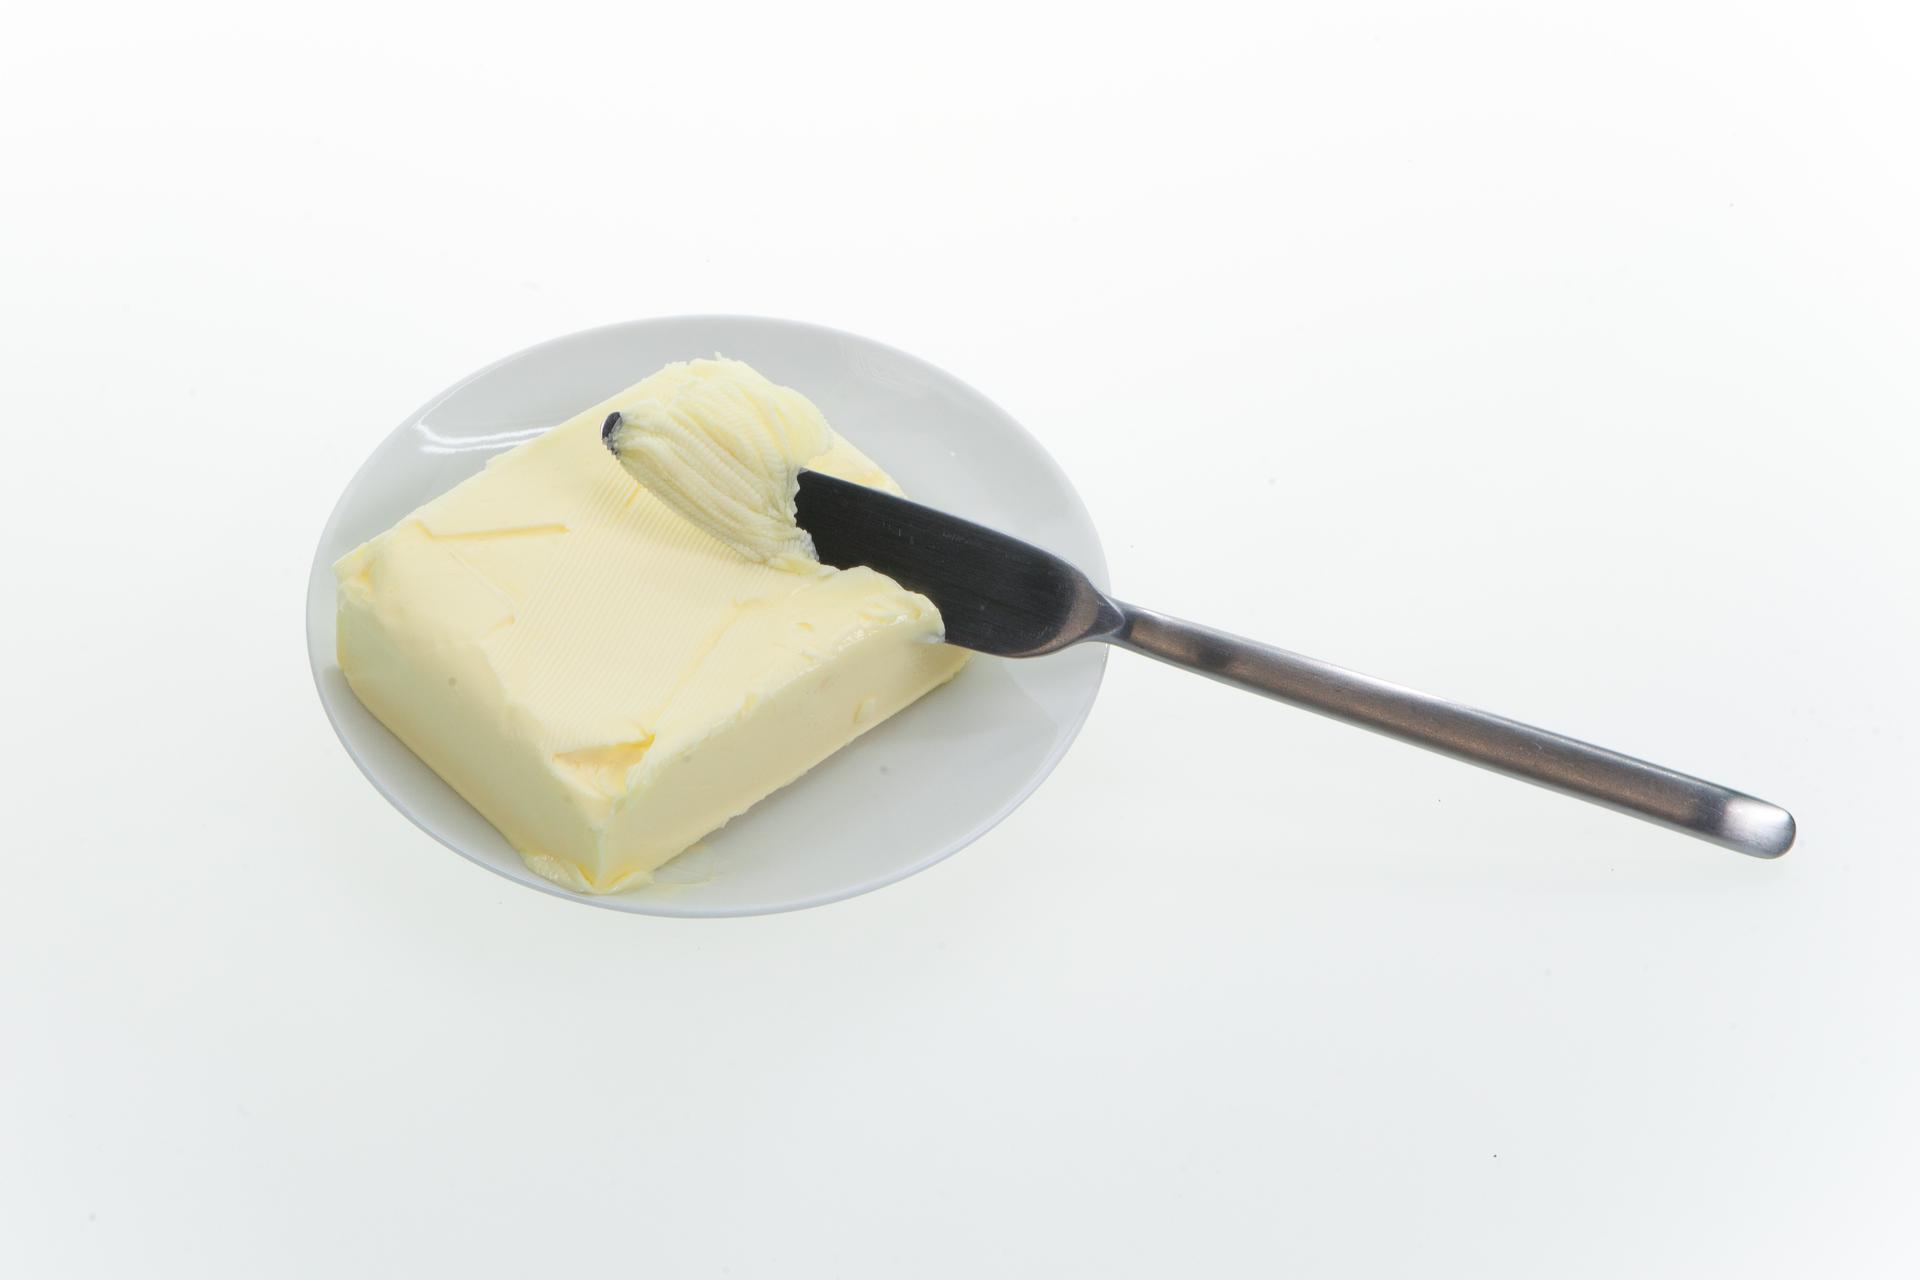 Galeria przedstawiająca: dwie szklanki mleka, majonez wnaczyniu, kostkę masła, opakowanie kremu, osobę znałożonym na twarz kremem